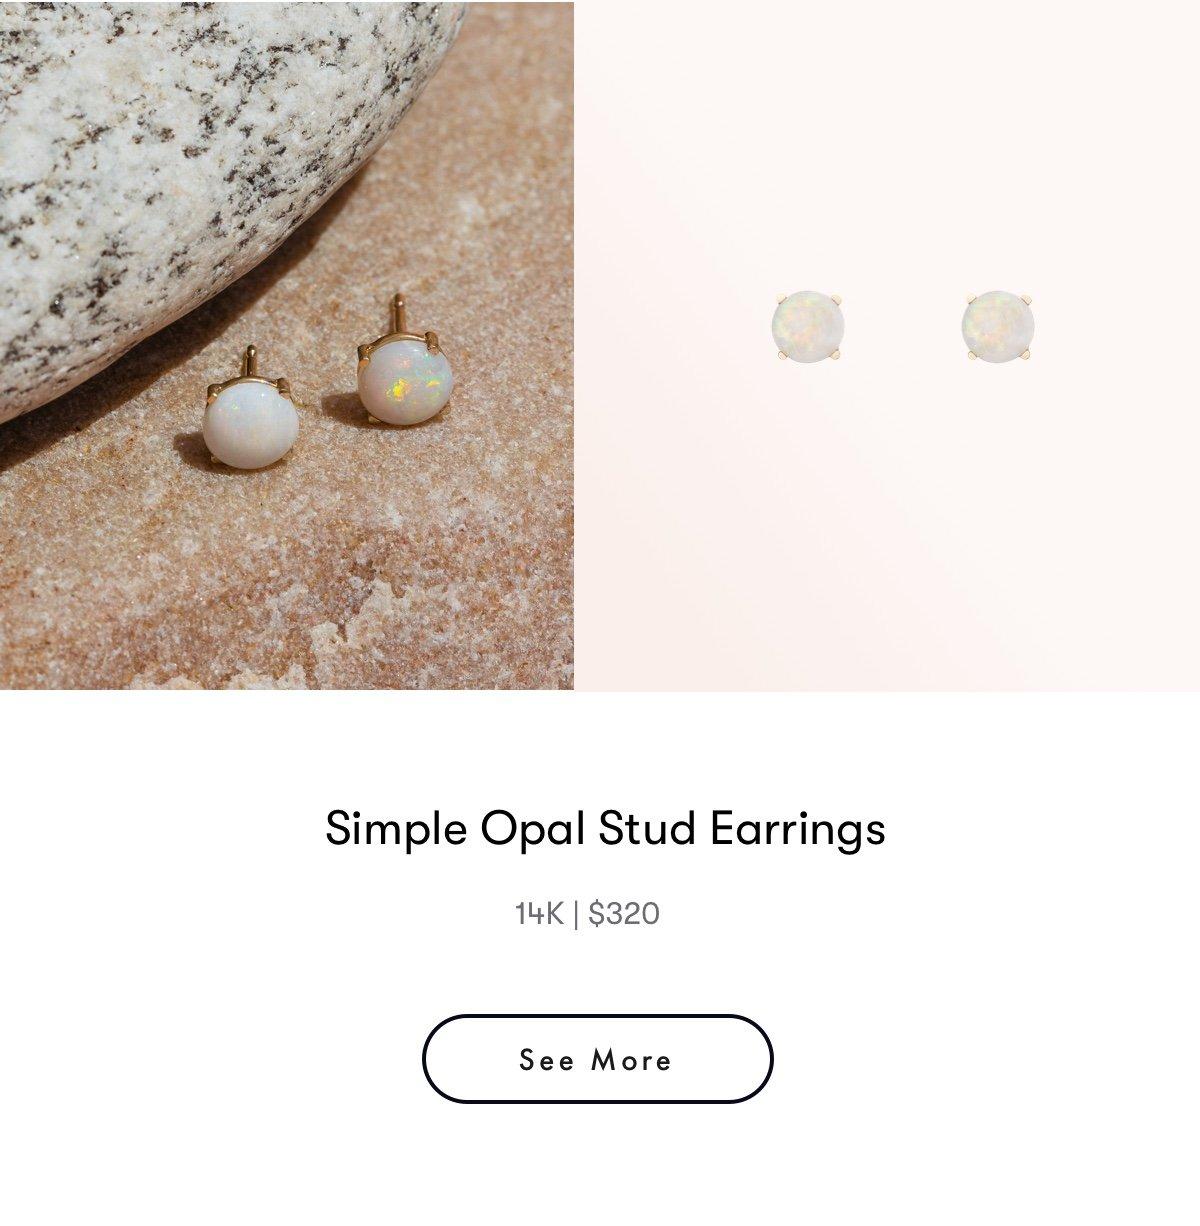 simple opal stud